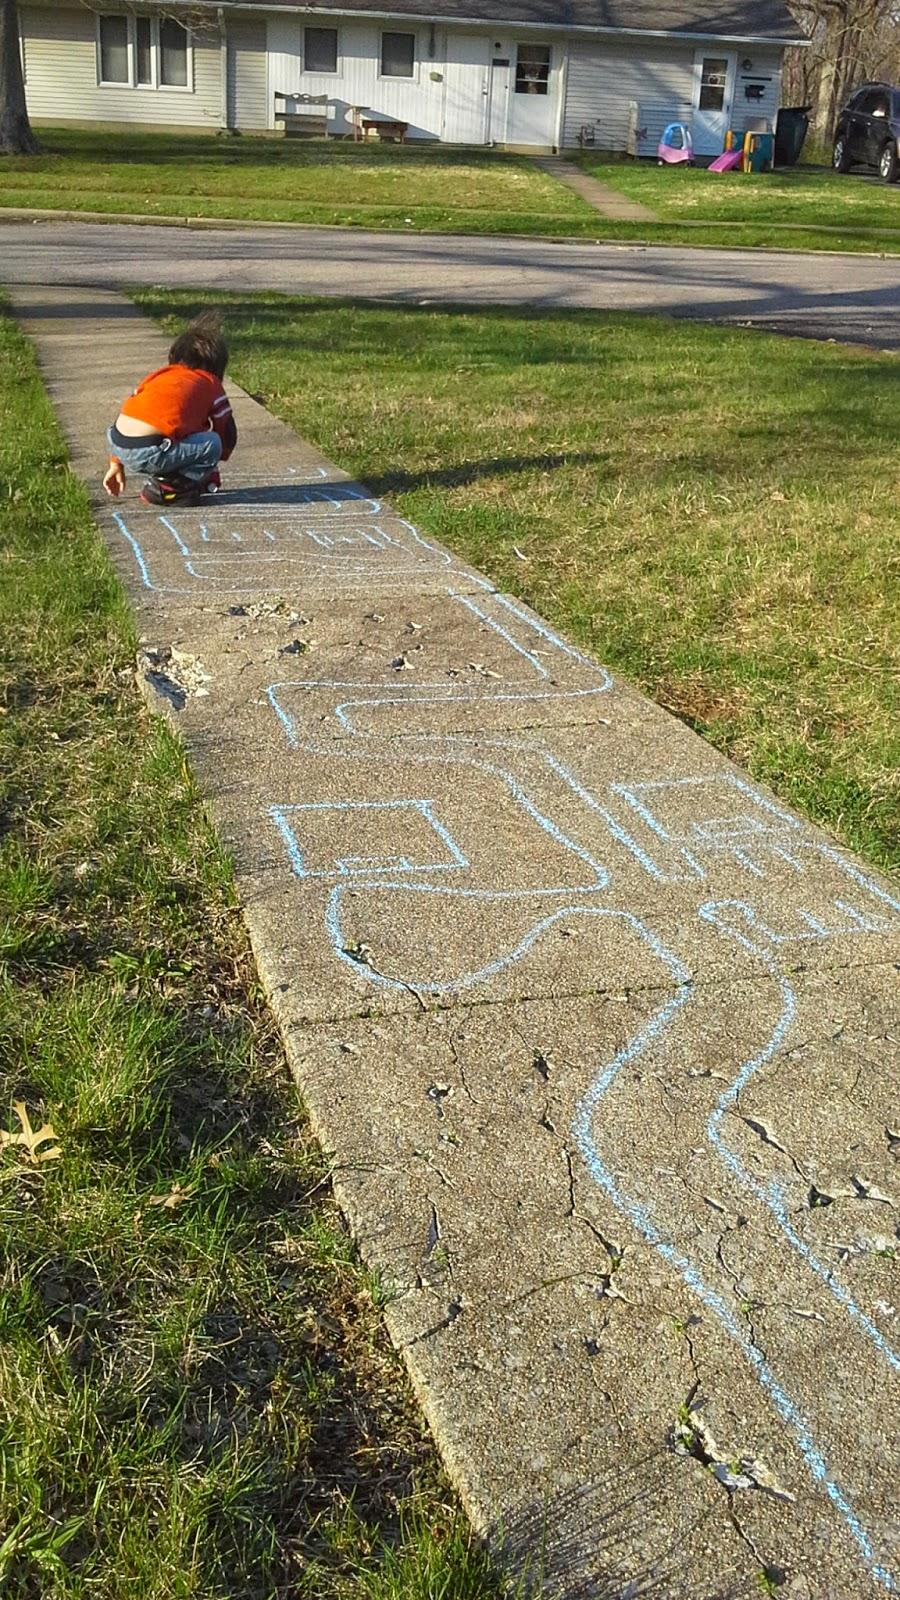 Sidewalk Chalk City